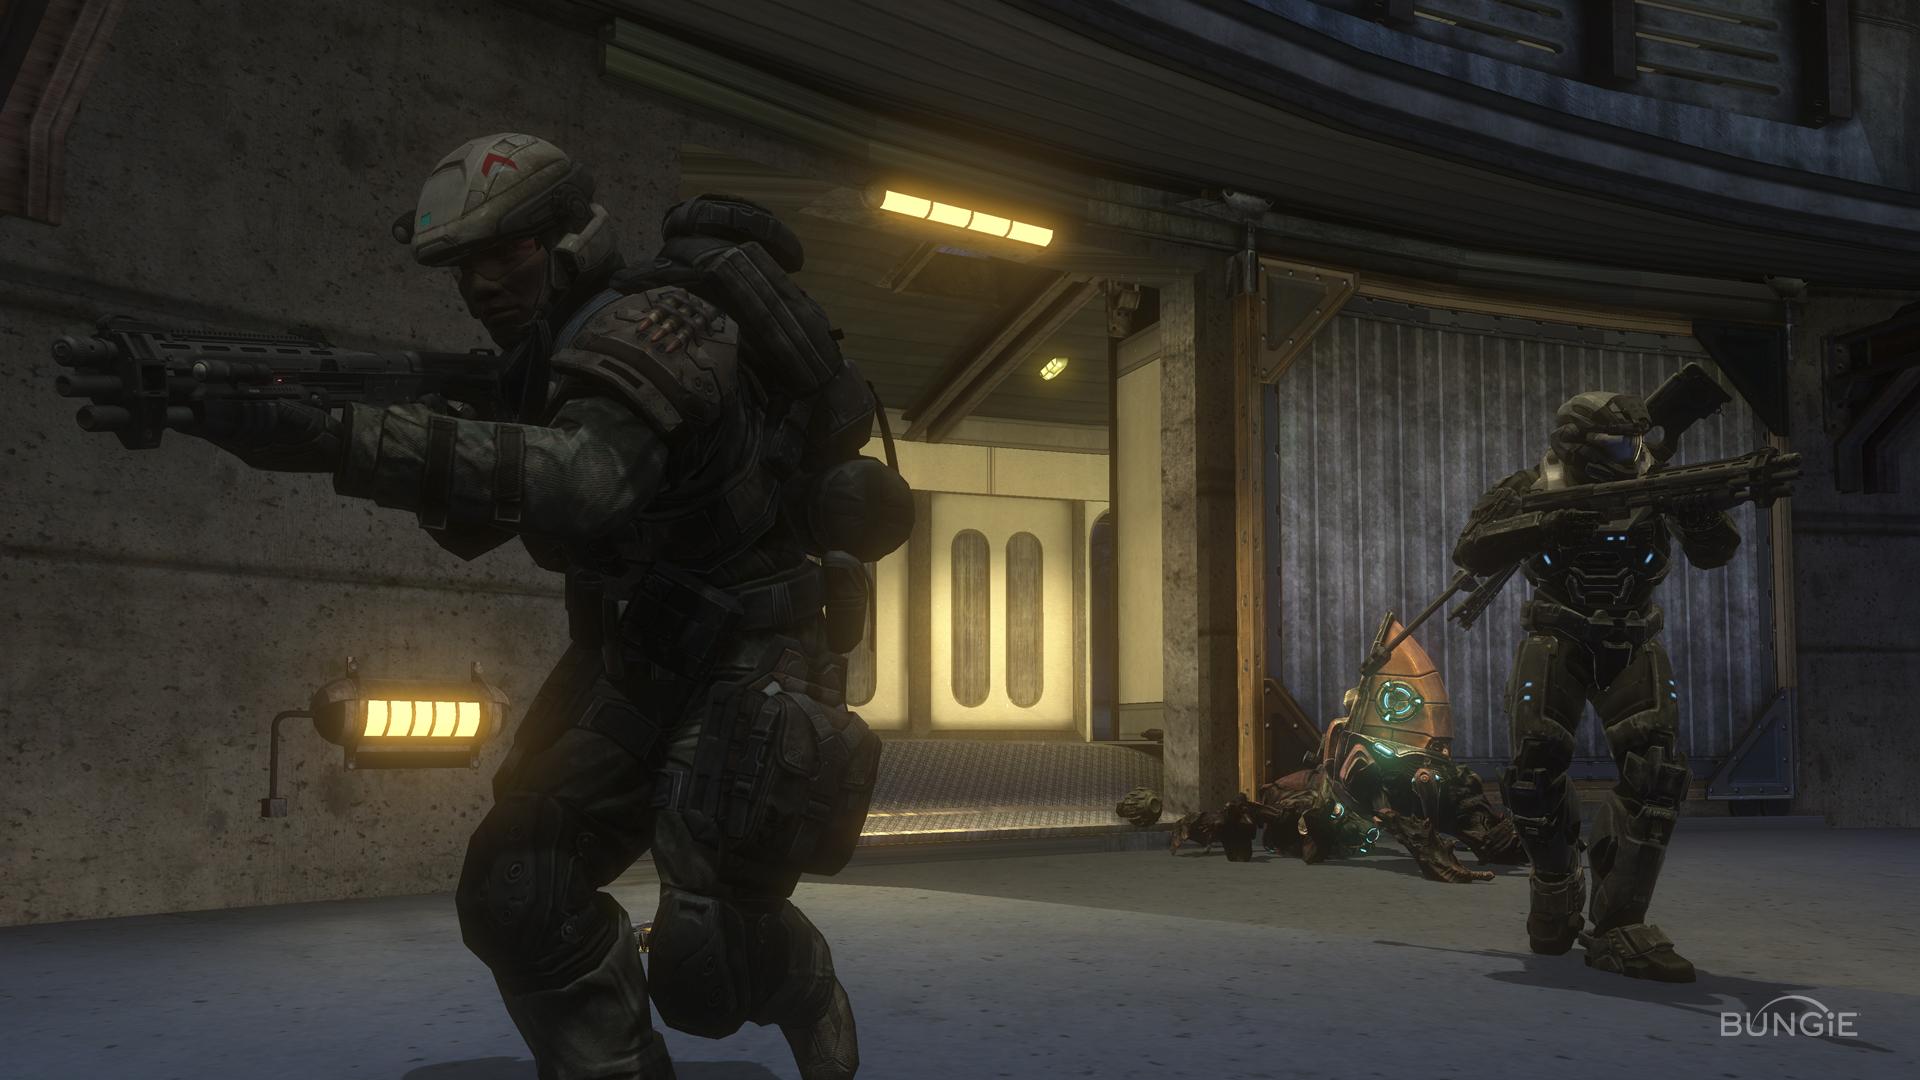 More Halo: Reach Screens Show Up